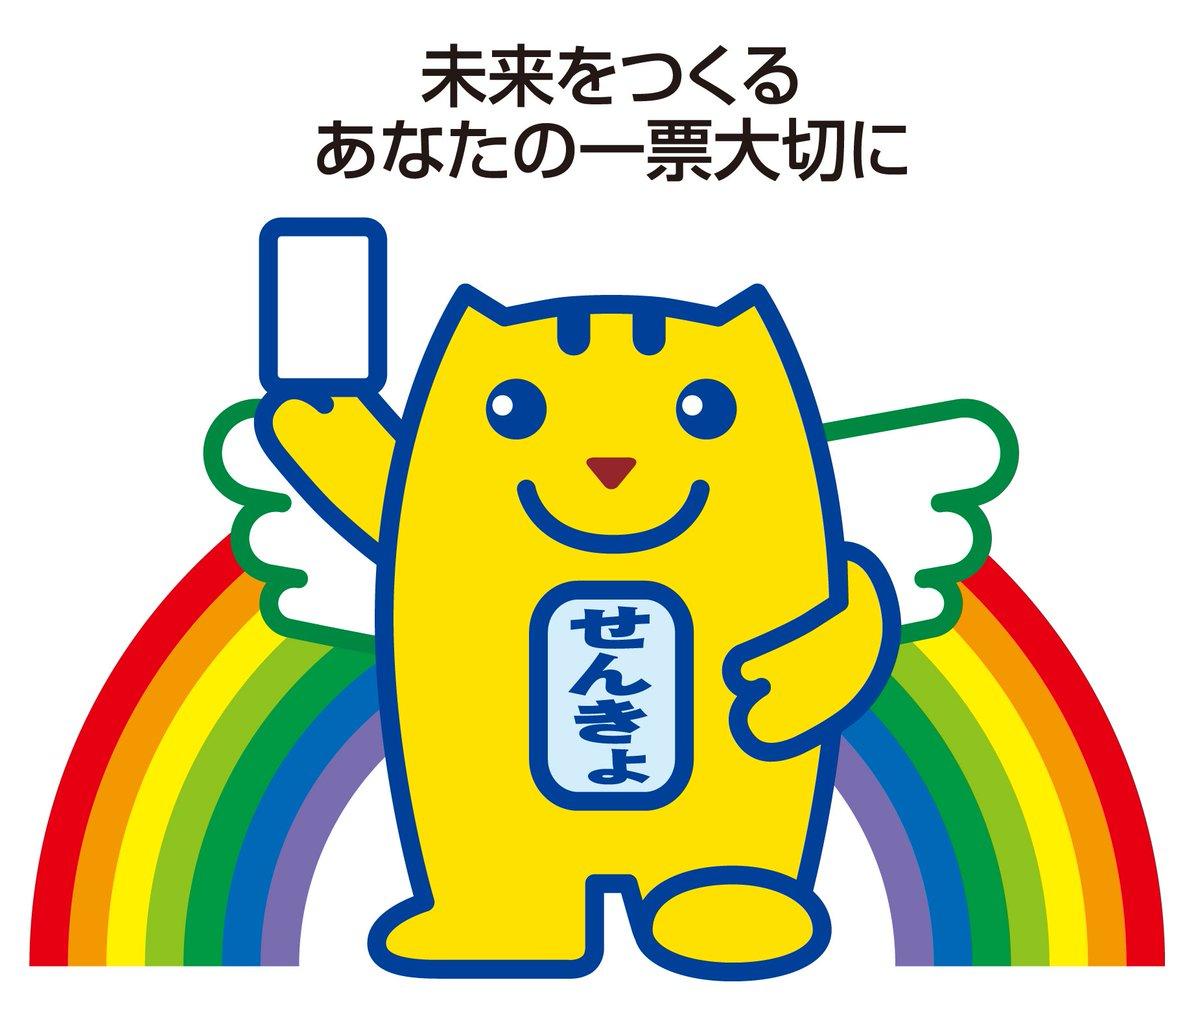 新潟県選挙管理委員会 on Twitte...